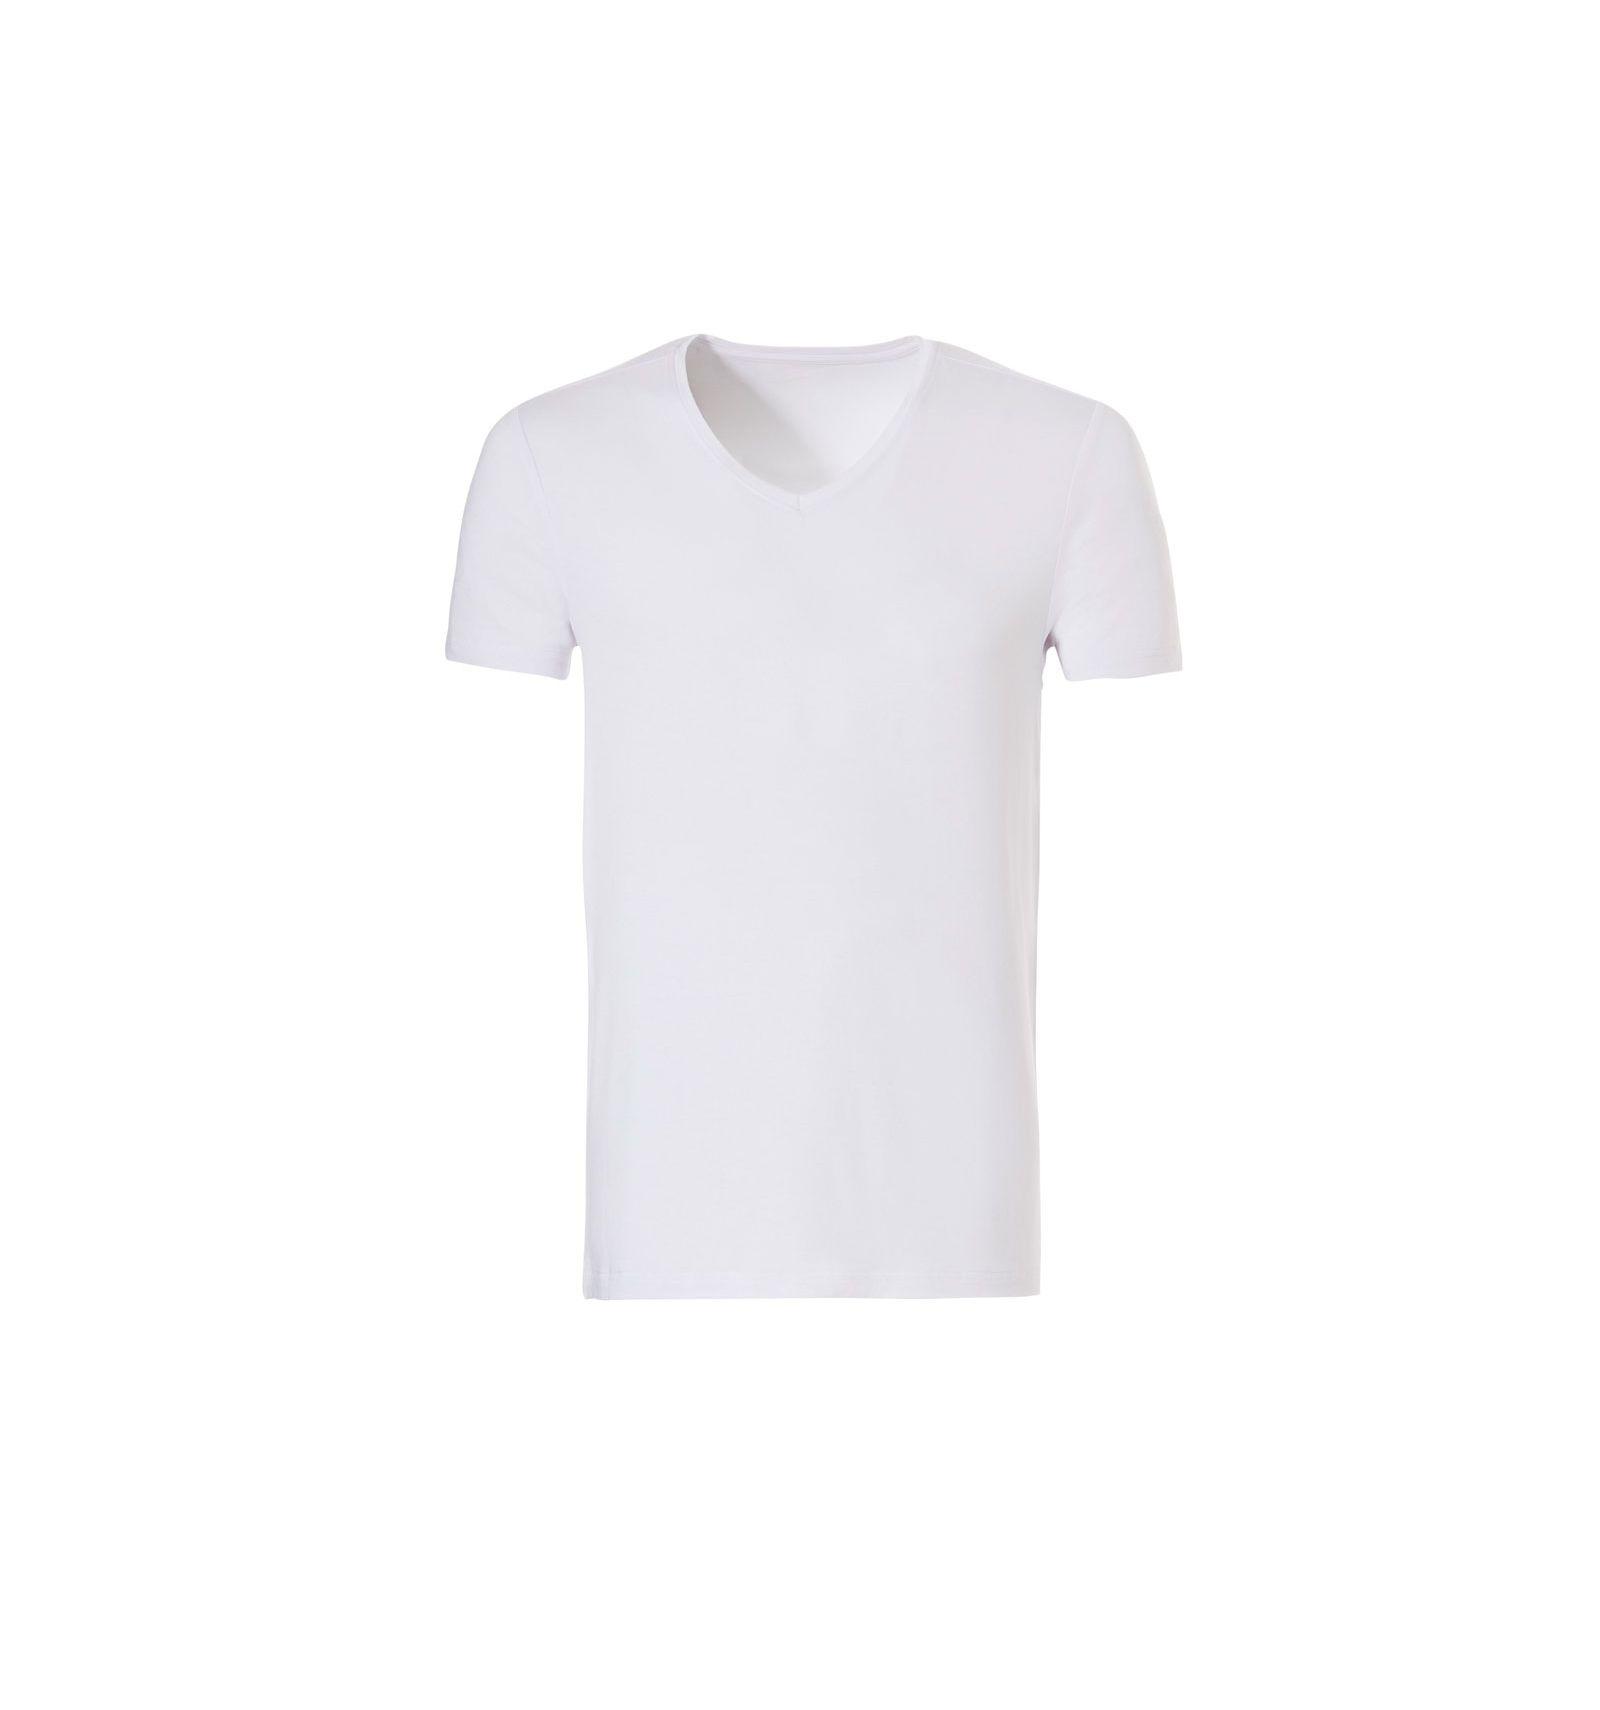 79a1610f Ten Cate V-Shirt 2Pack Black Heren Ondergoed - Nu bestellen bij Ten ...